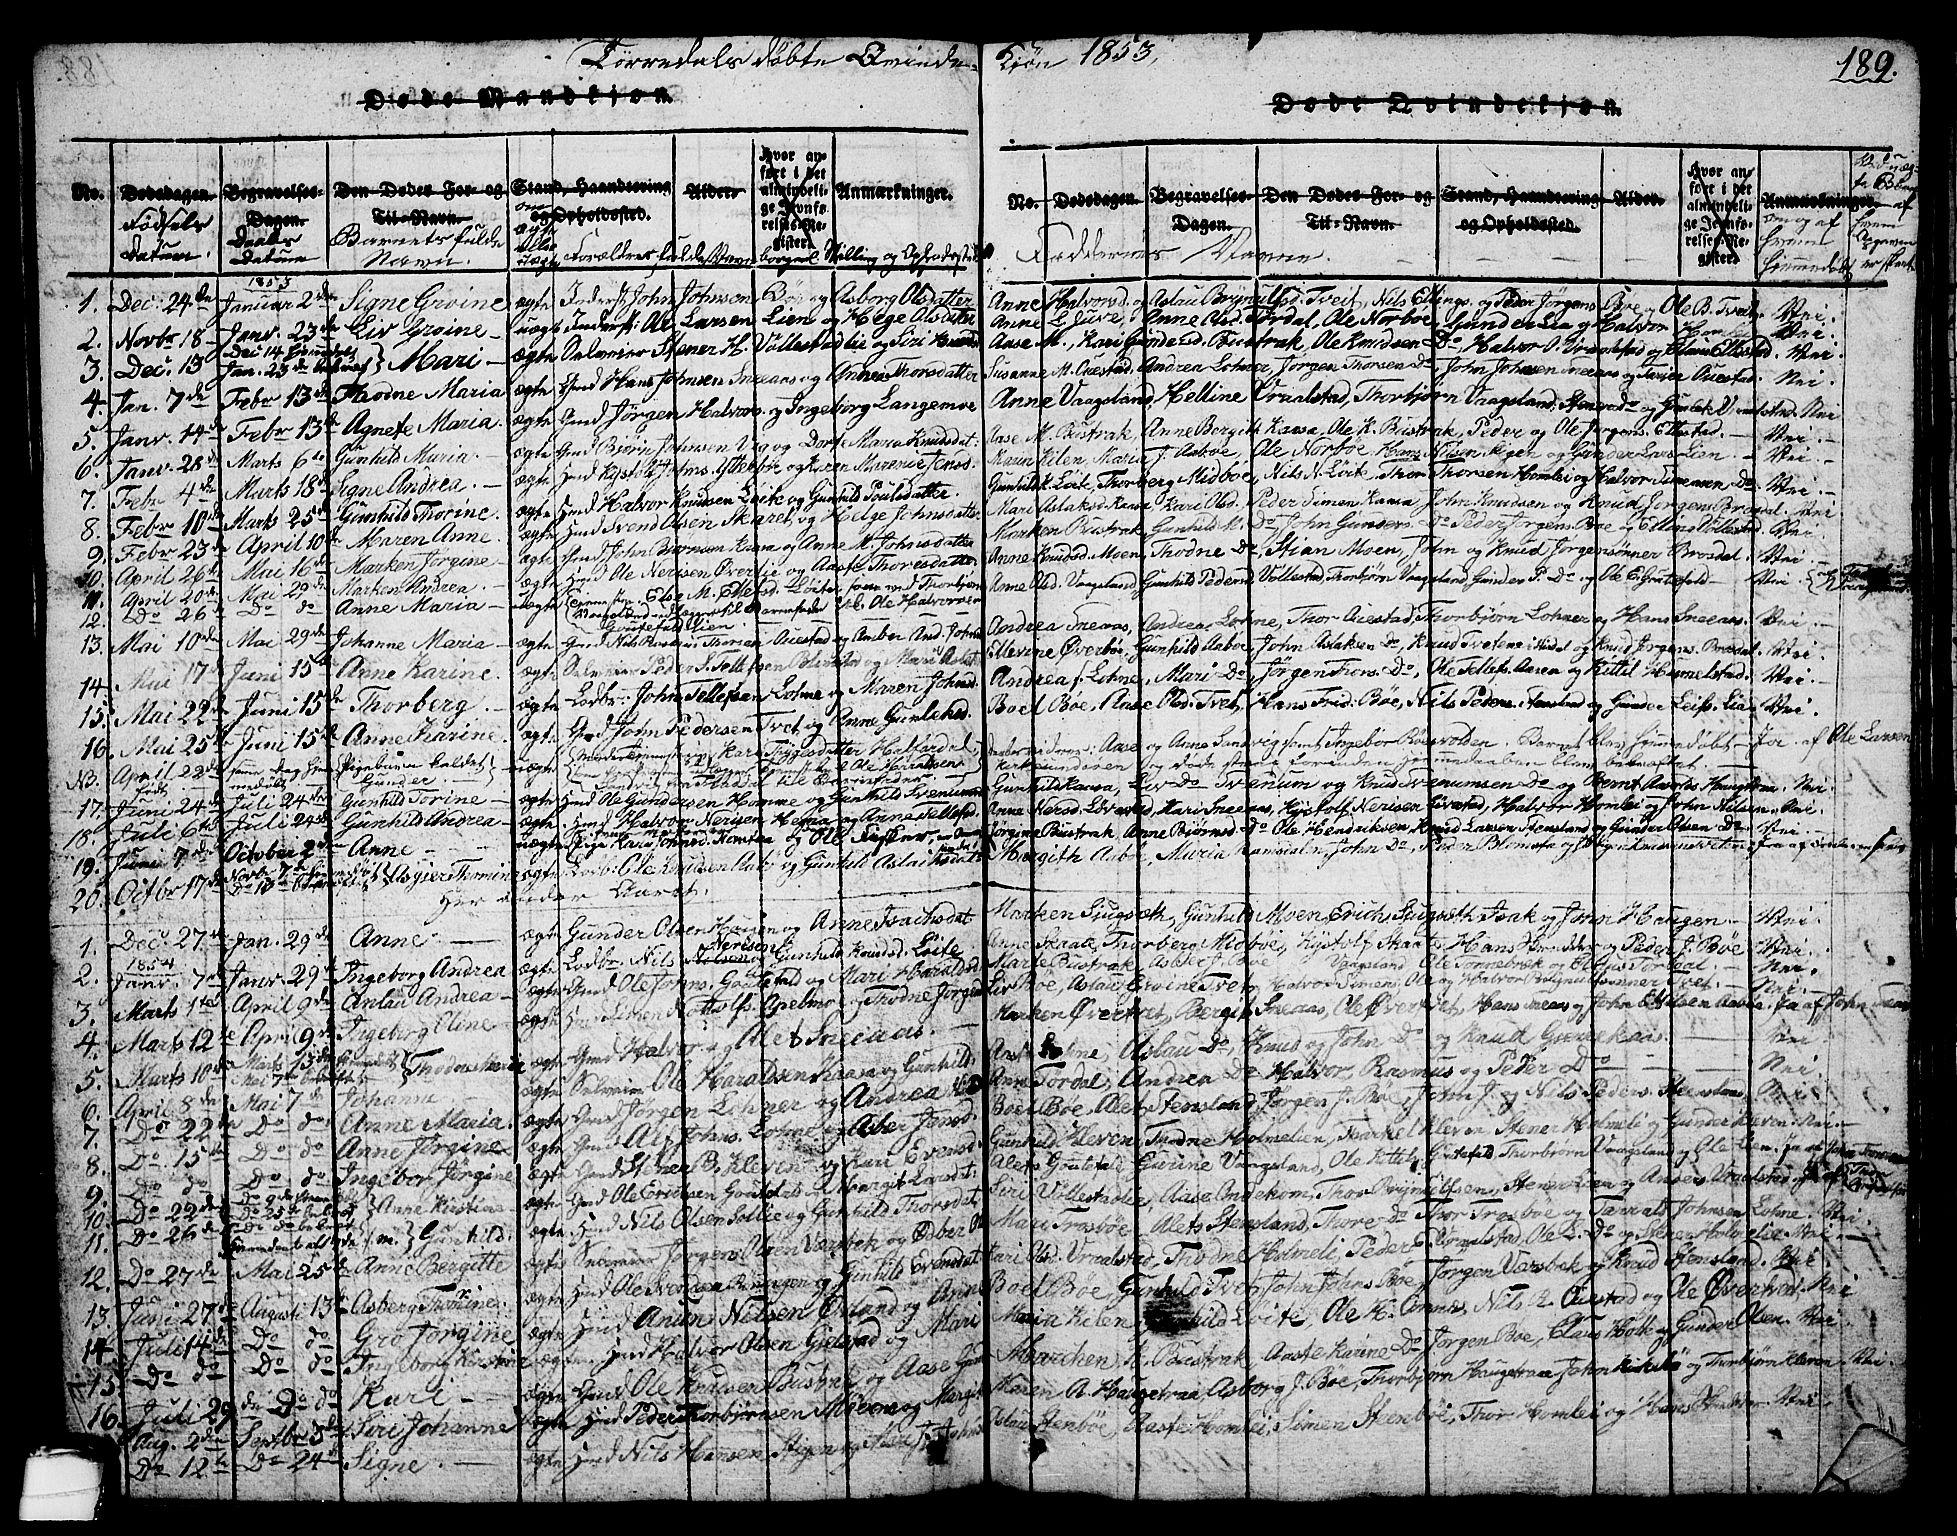 SAKO, Drangedal kirkebøker, G/Ga/L0001: Klokkerbok nr. I 1 /2, 1814-1856, s. 189